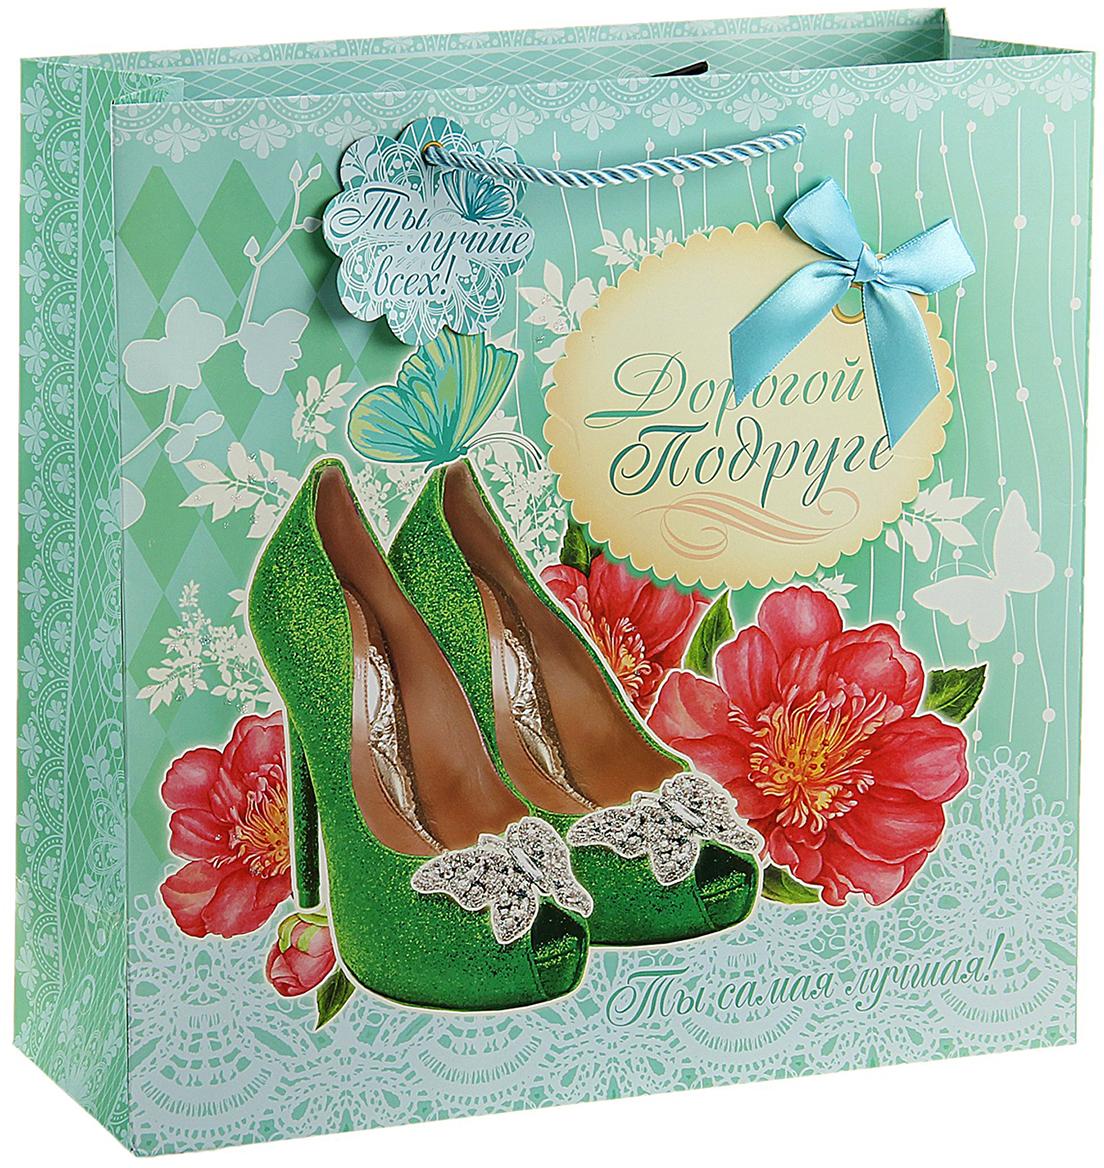 Пакет подарочный Дарите Счастье Дорогой подруге, цвет: мультиколор, 10 х 32 х 32 см. 820171